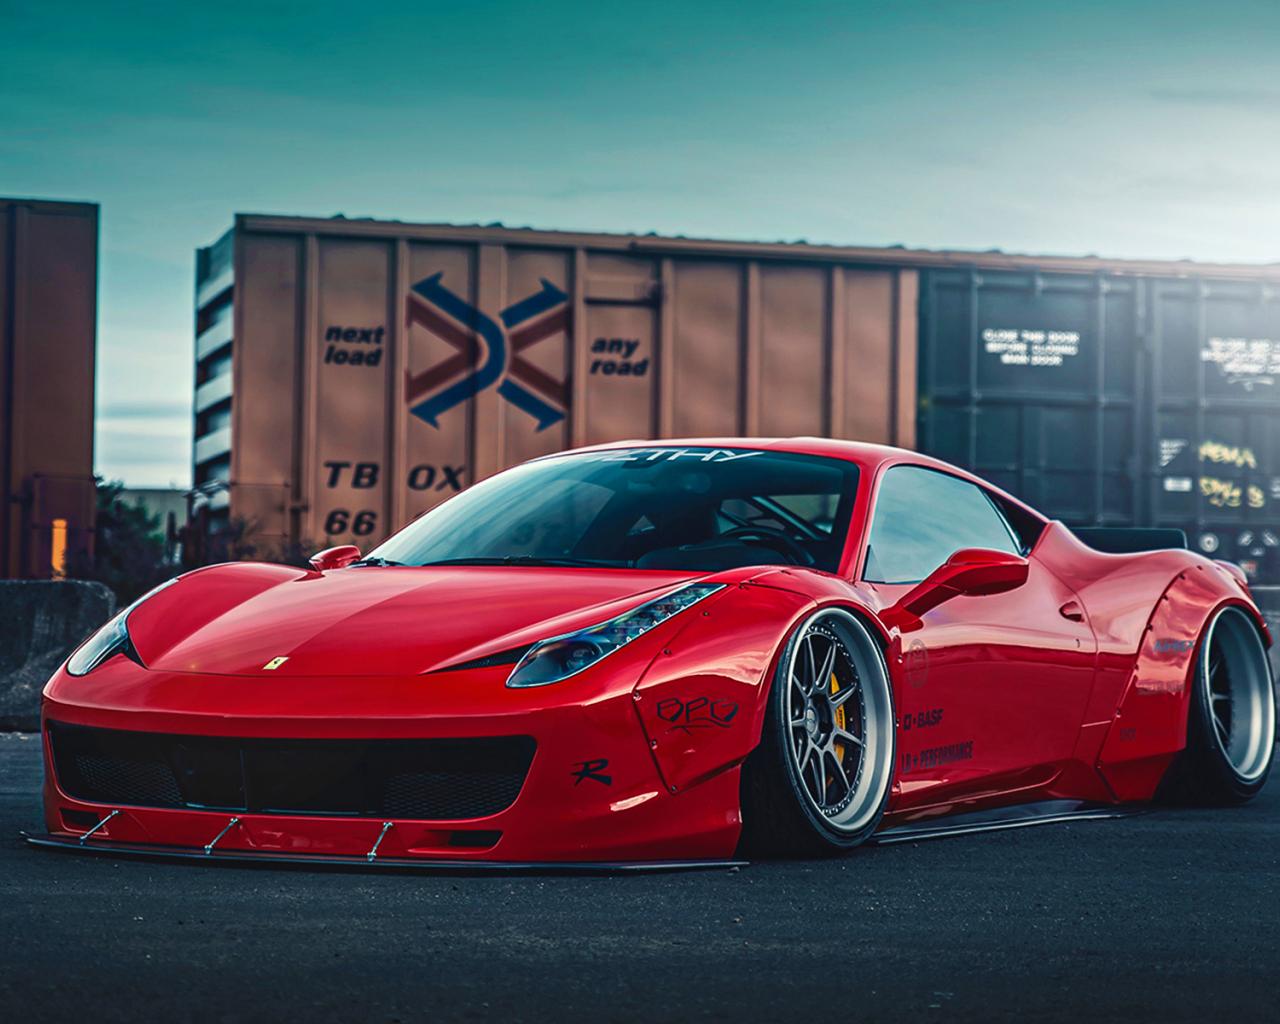 Free Download Ferrari 458 Liberty Walk 2 Wallpaper Hd Car